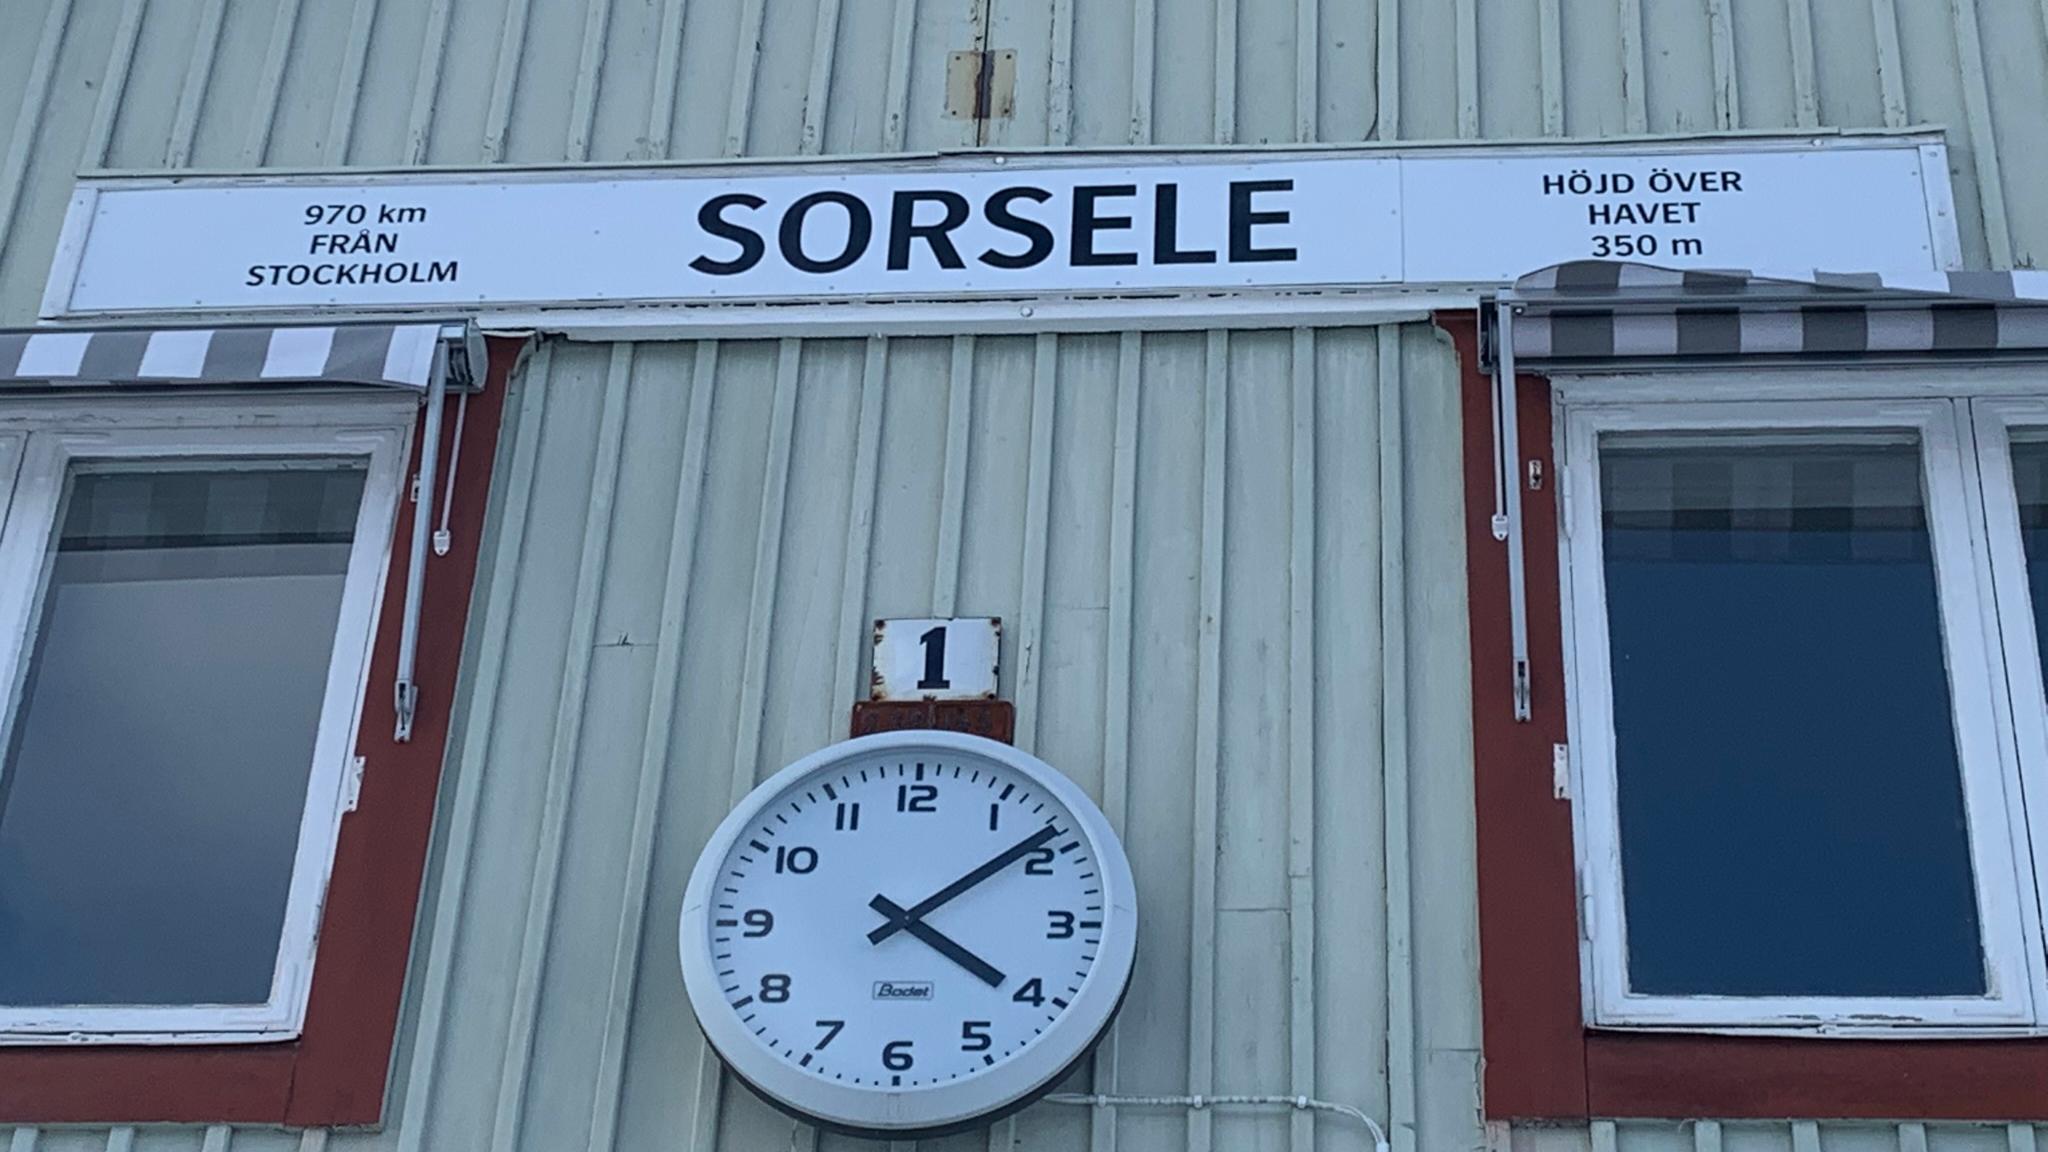 Sorsele en av sveriges minsta kommuner invånarmässigt